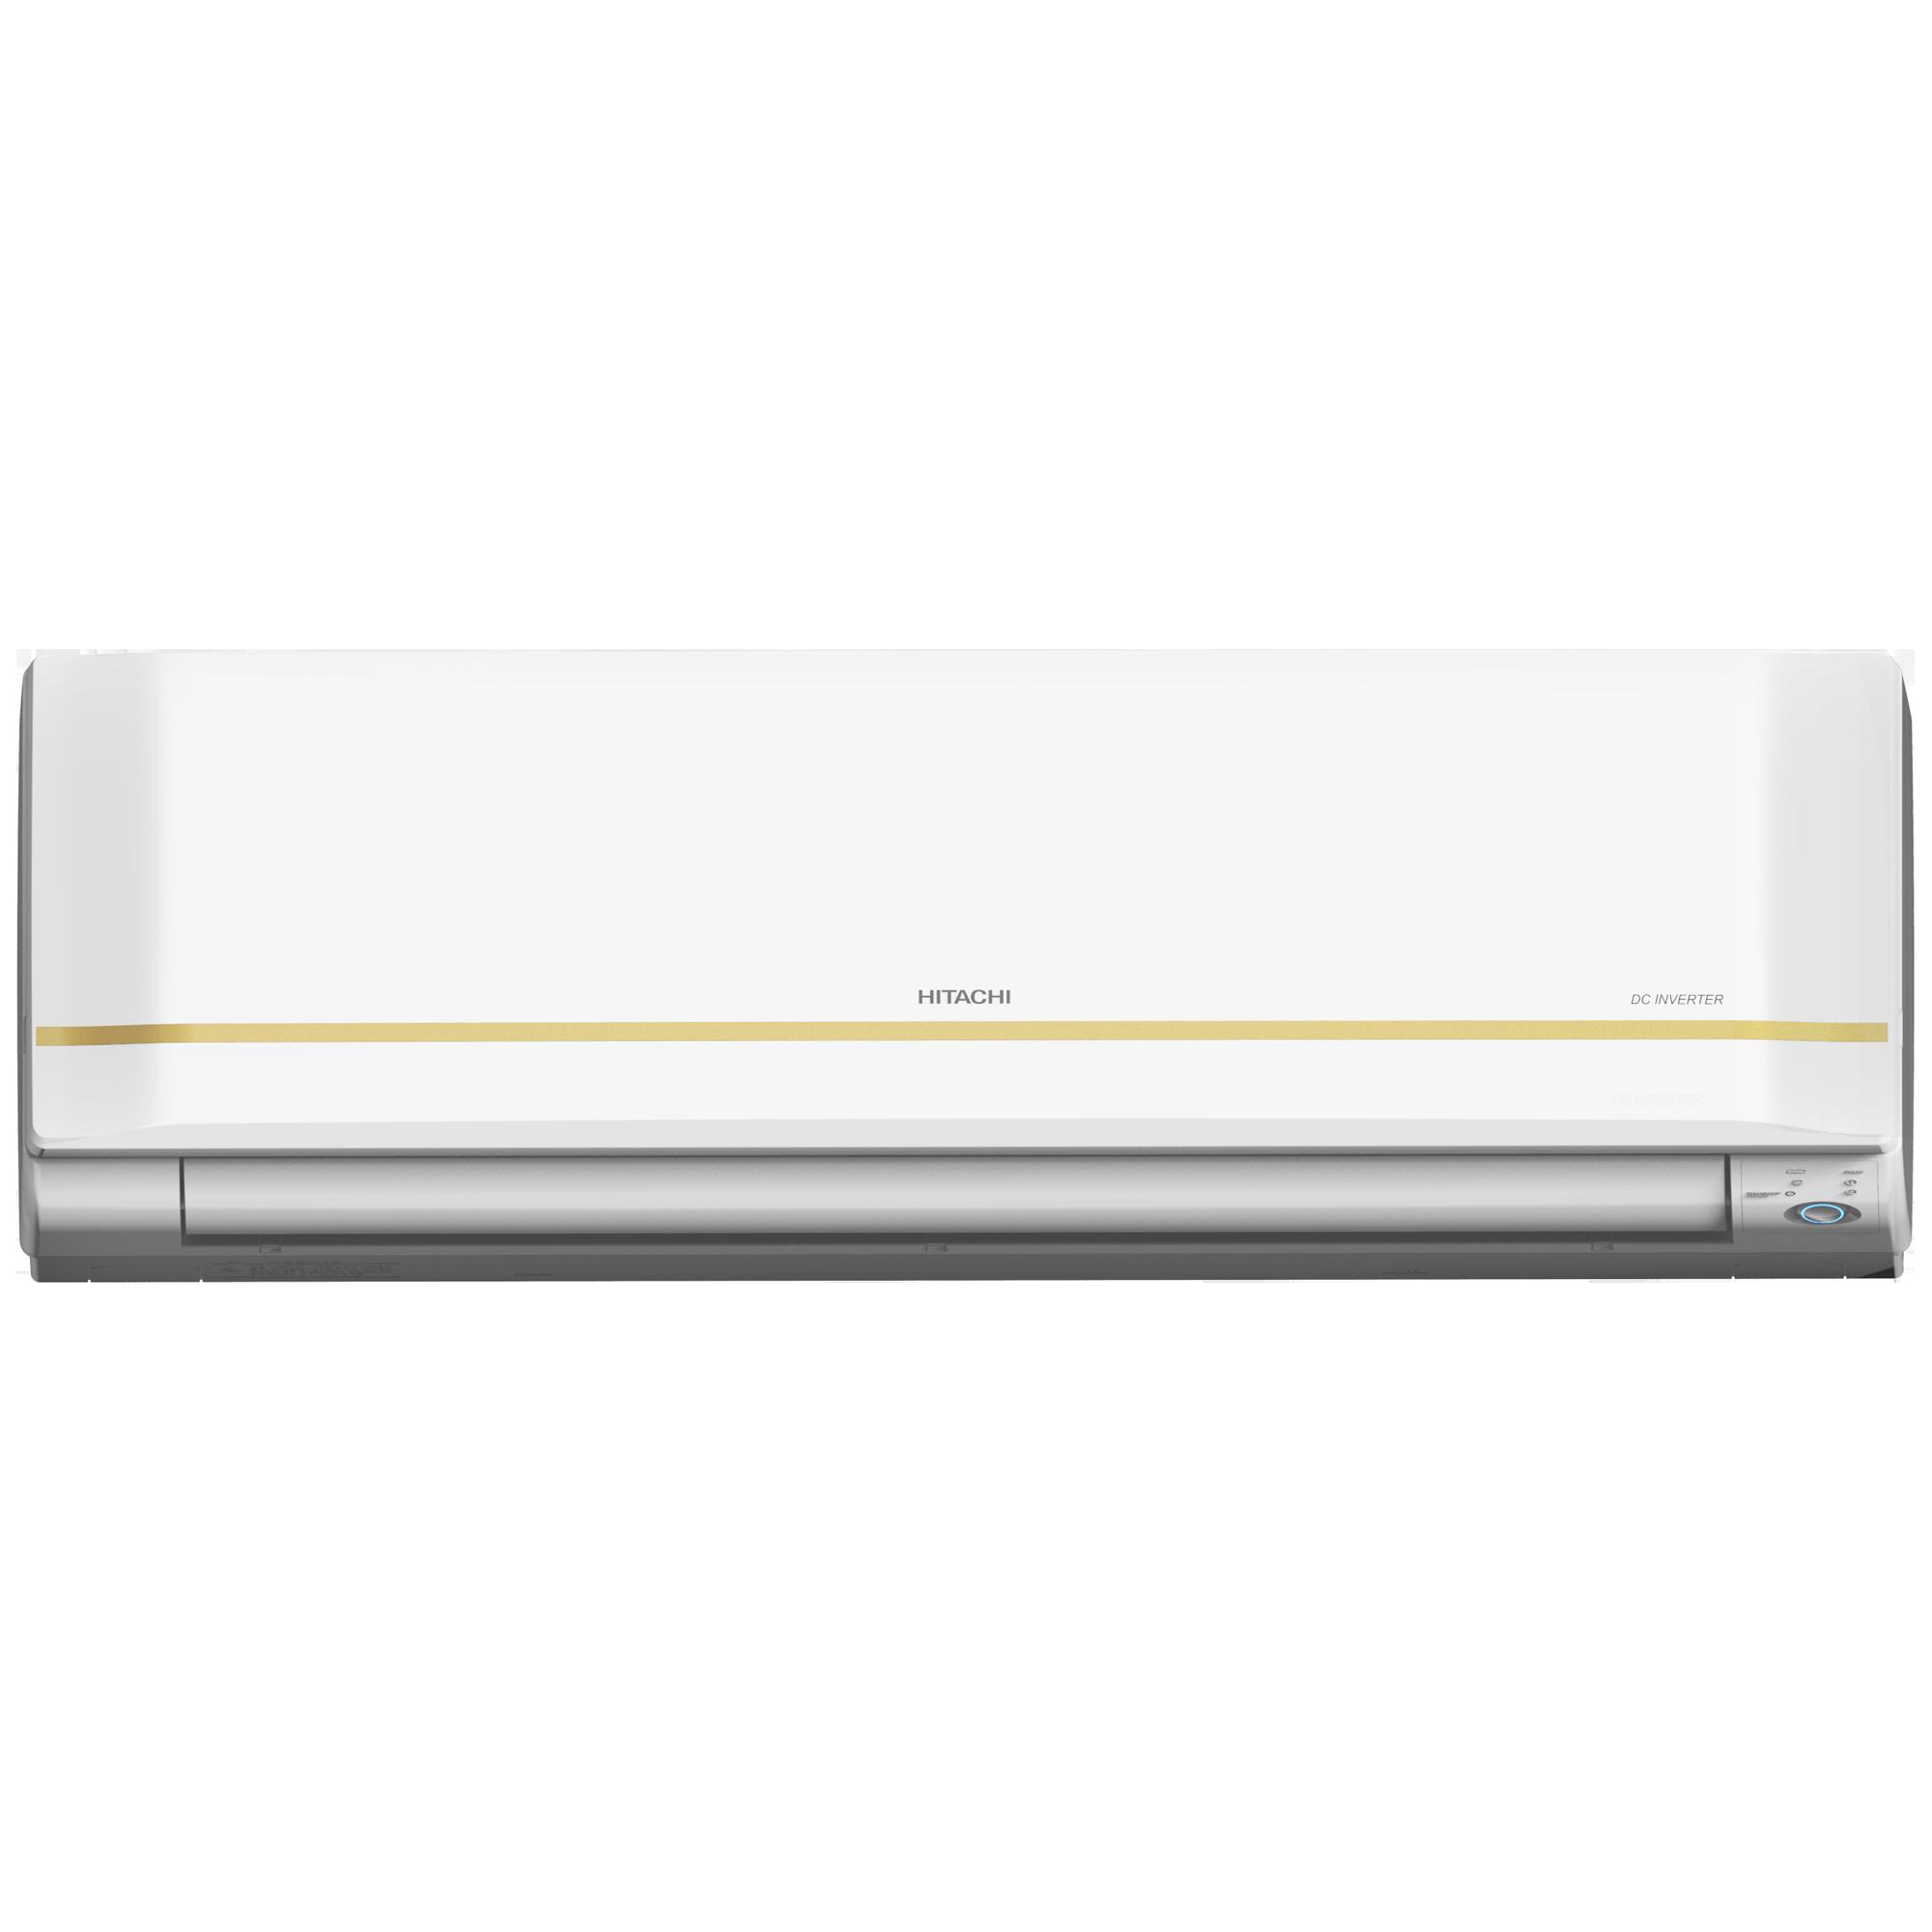 Hitachi Kiyora 5100X 2 Ton 5 Star Inverter Split AC (Copper Condenser, RMRG524HEEA, White)_1